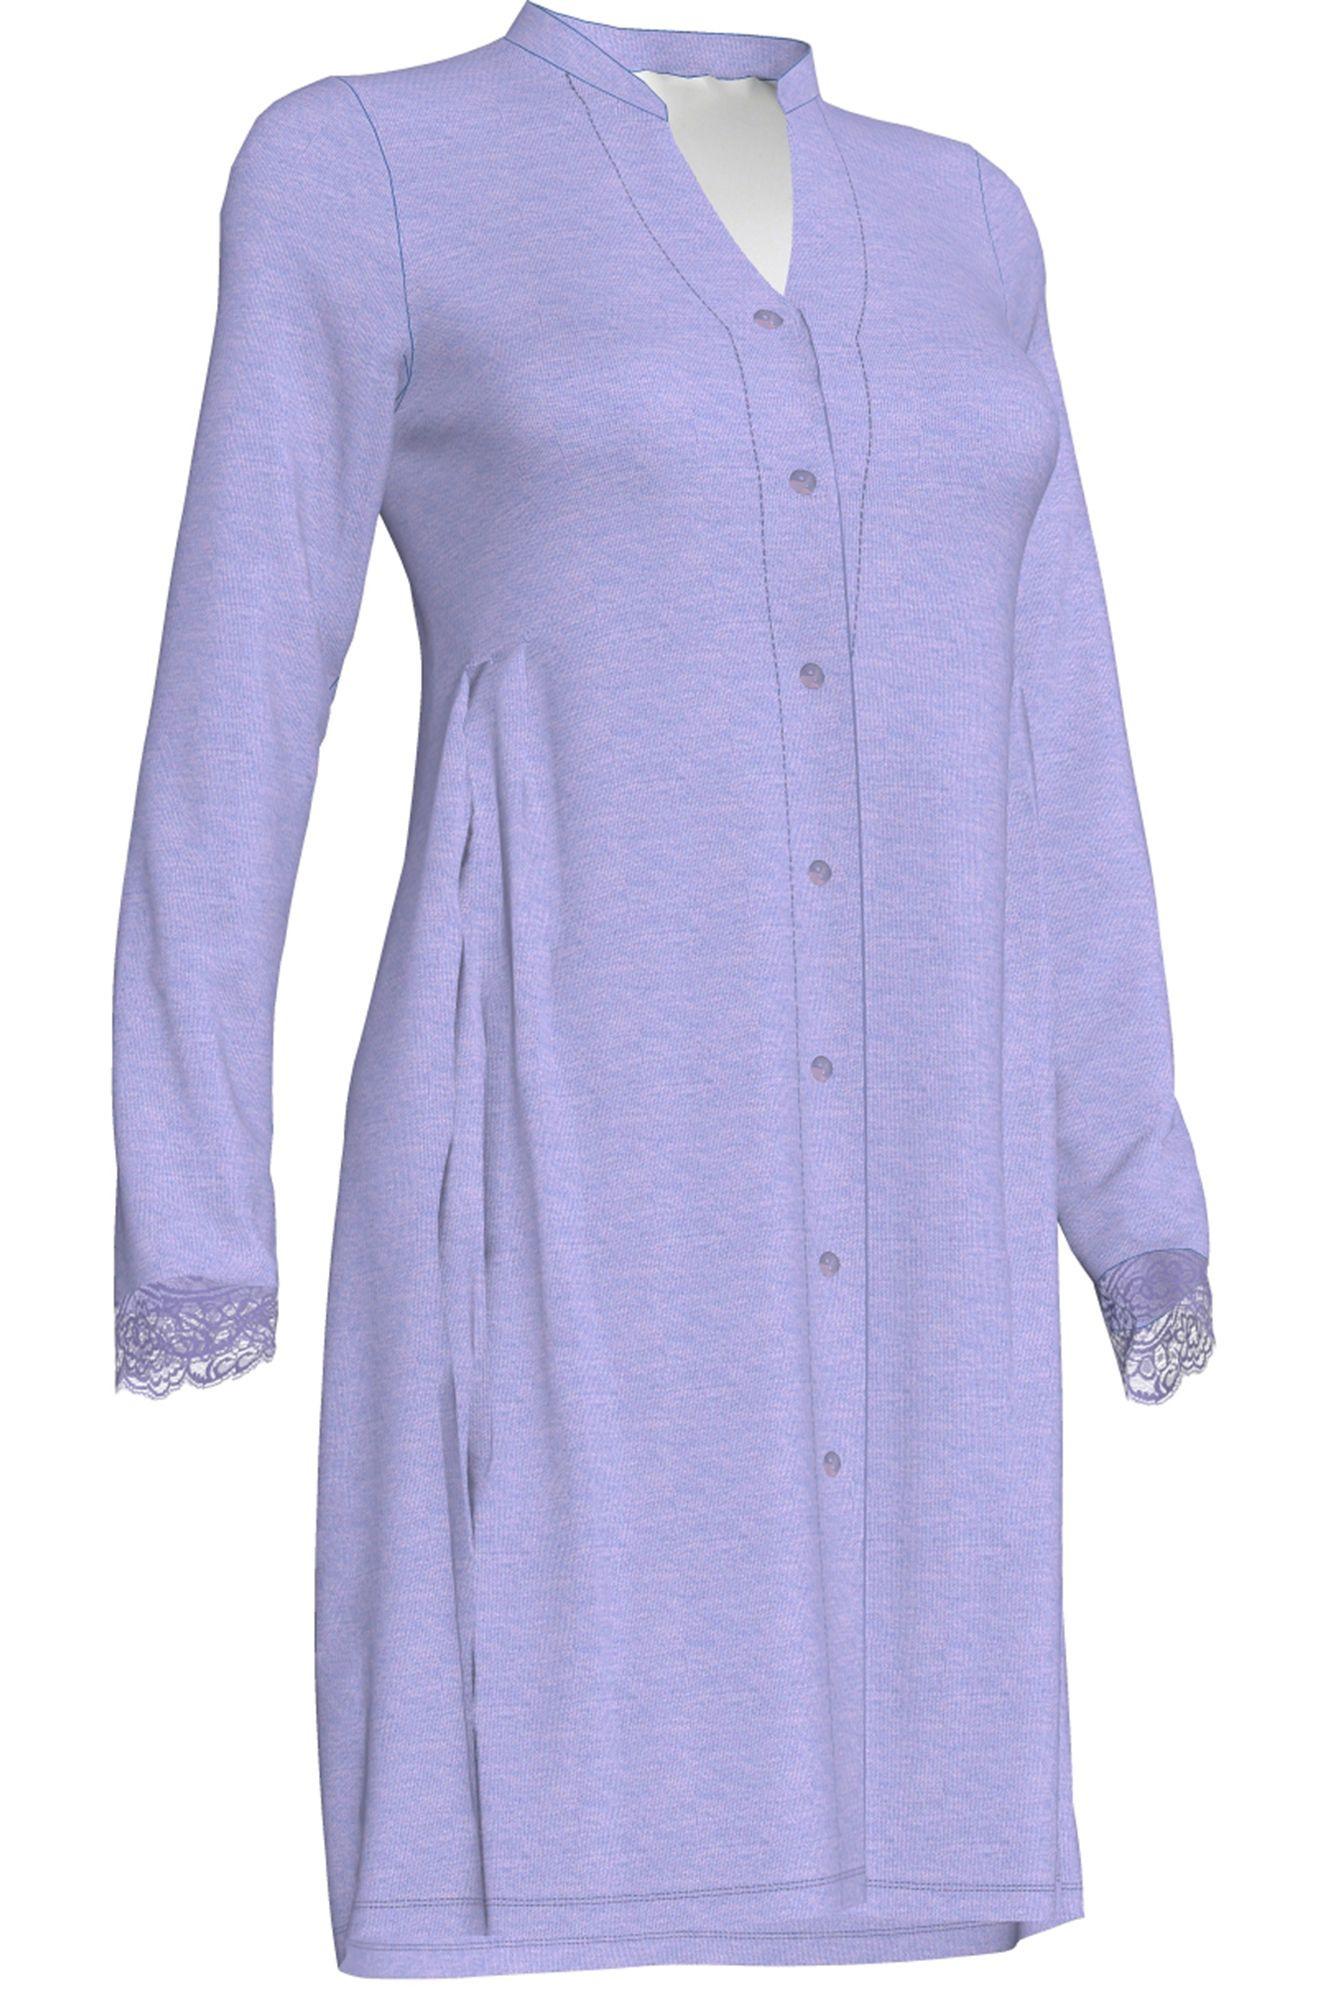 Dámská noční košile Luciana 00-10-2679 - Vamp Barva: levandulová, Velikost: M